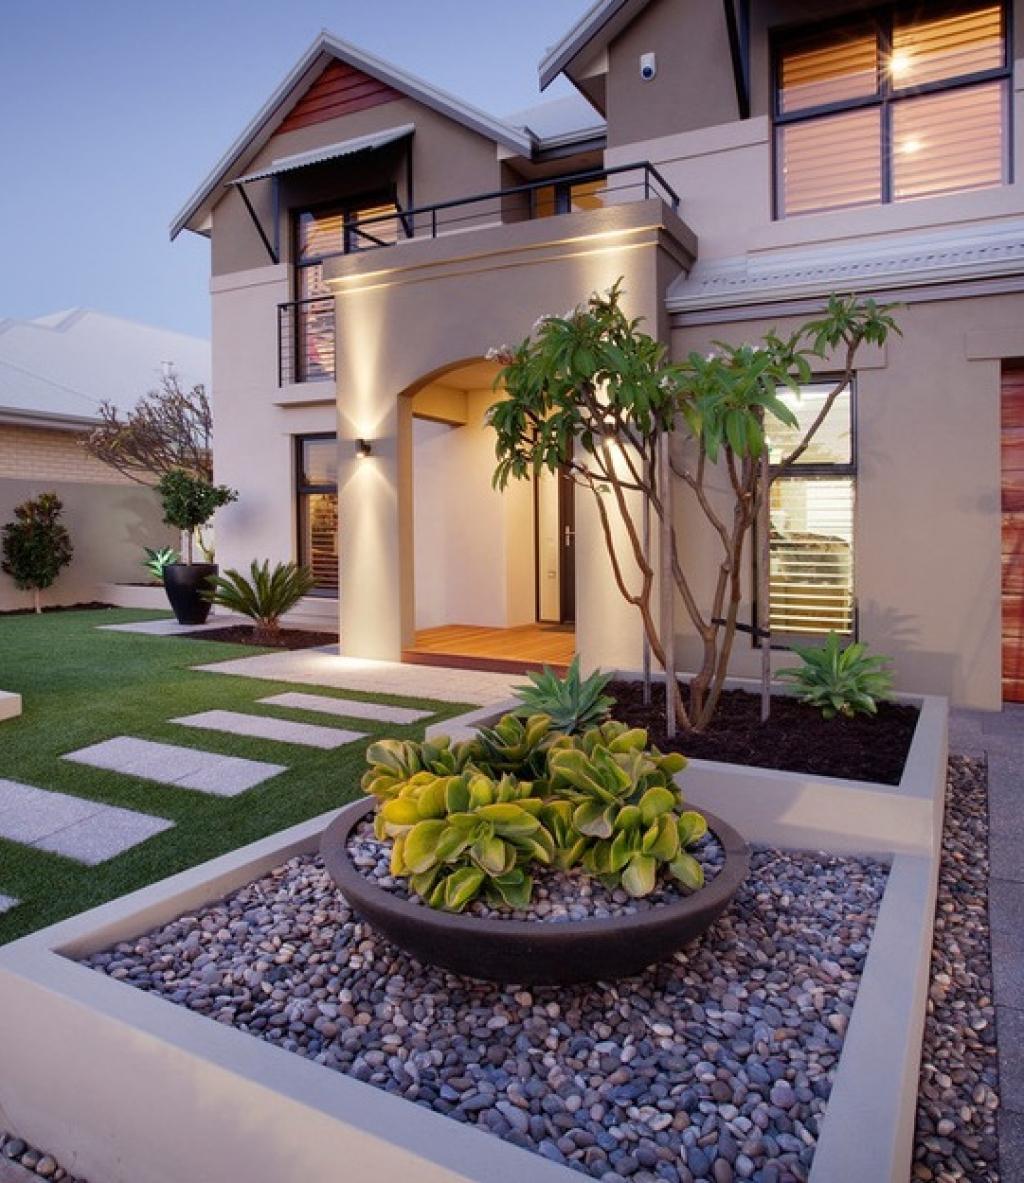 Voici 10 merveilleuses idées d'aménagement paysager!   les maisons